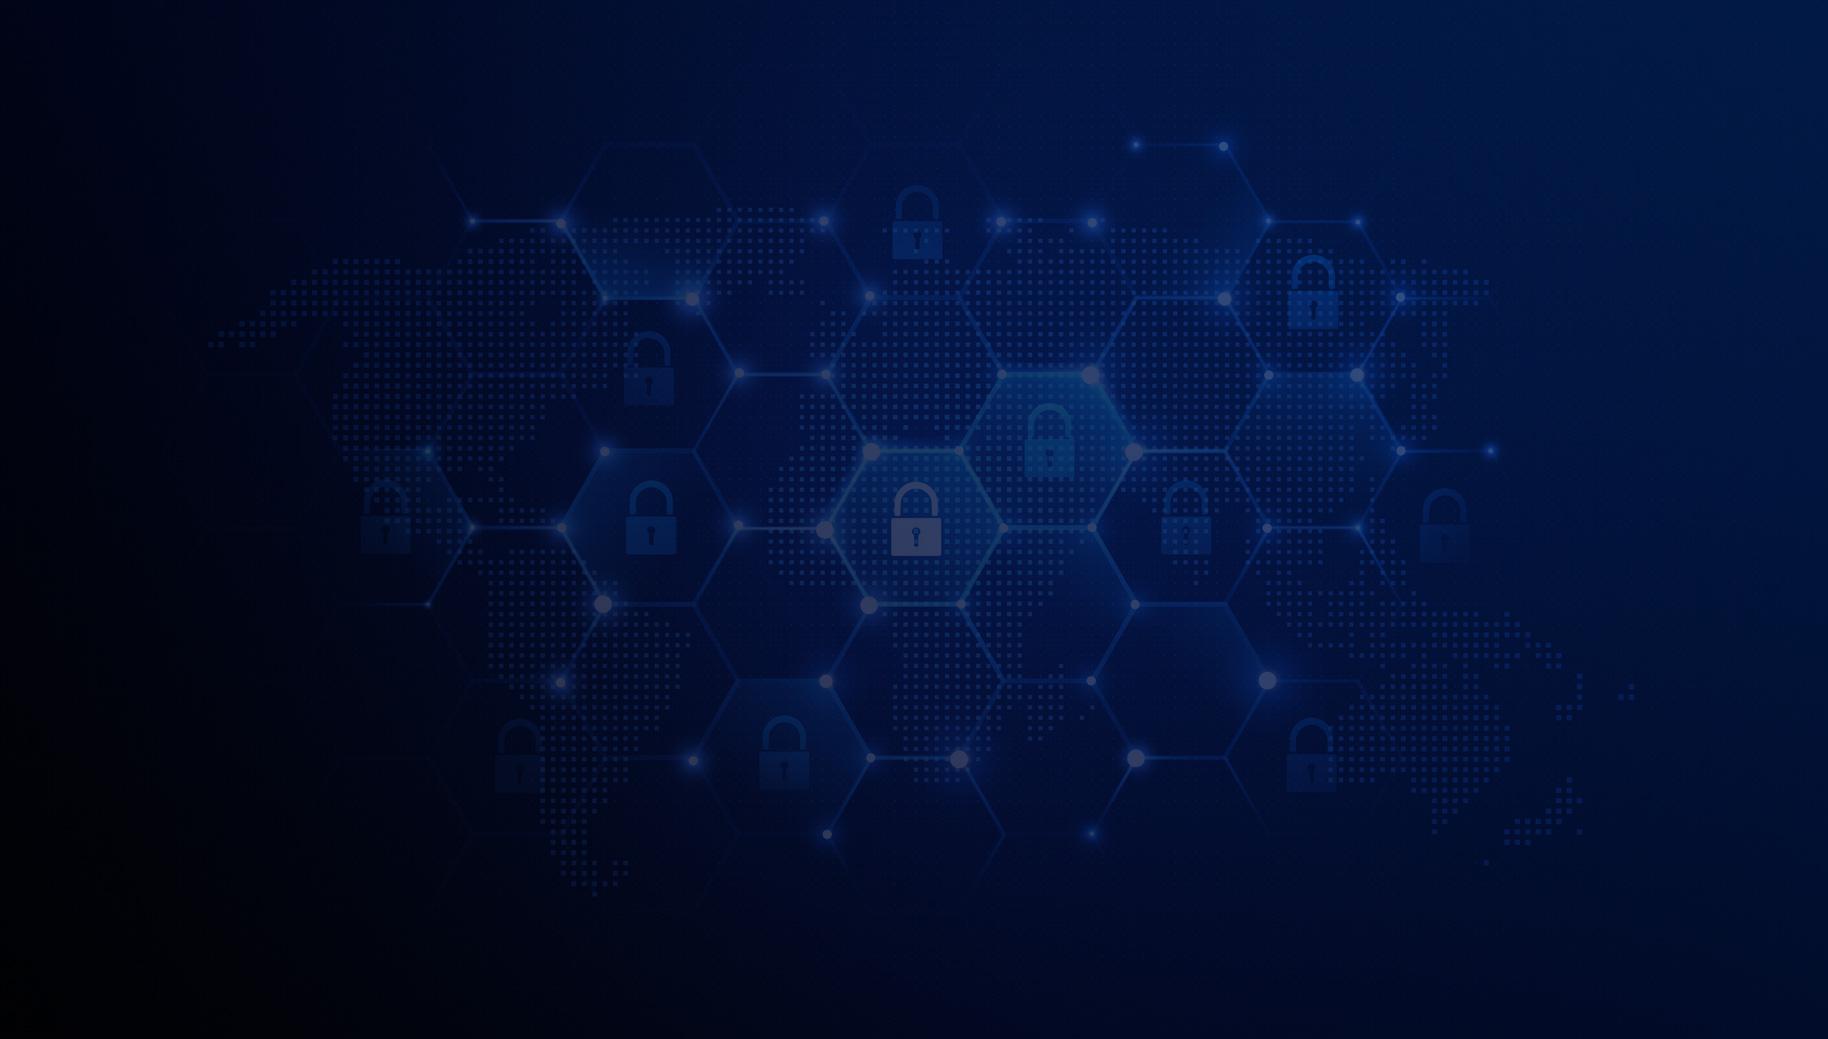 افزایش امنیت وب سایت ۲